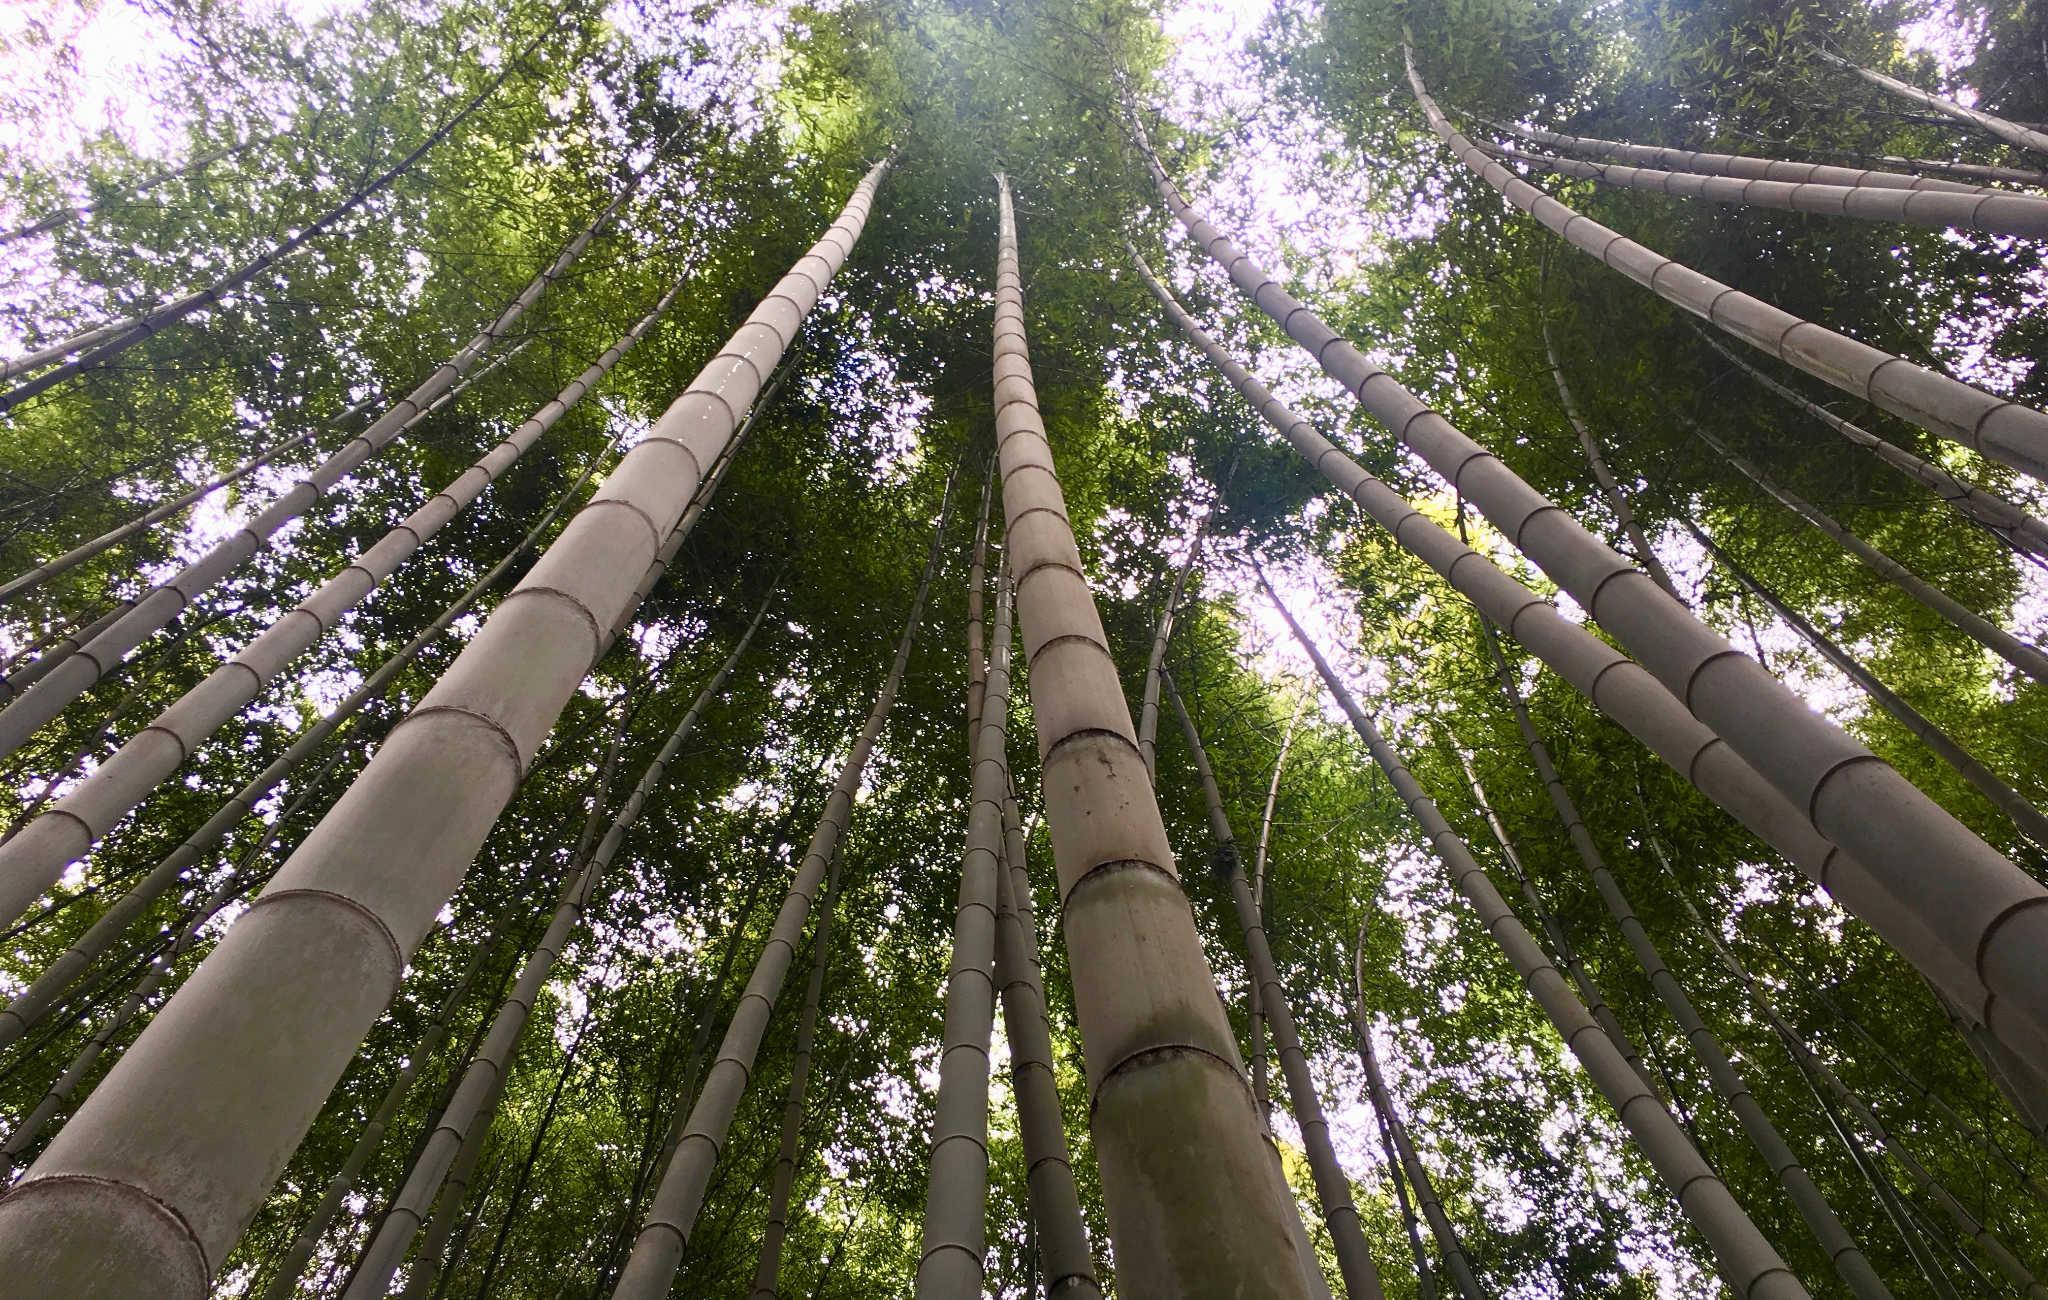 Les bambous sont vraiment très haut, et on se sent tout petit au milieu